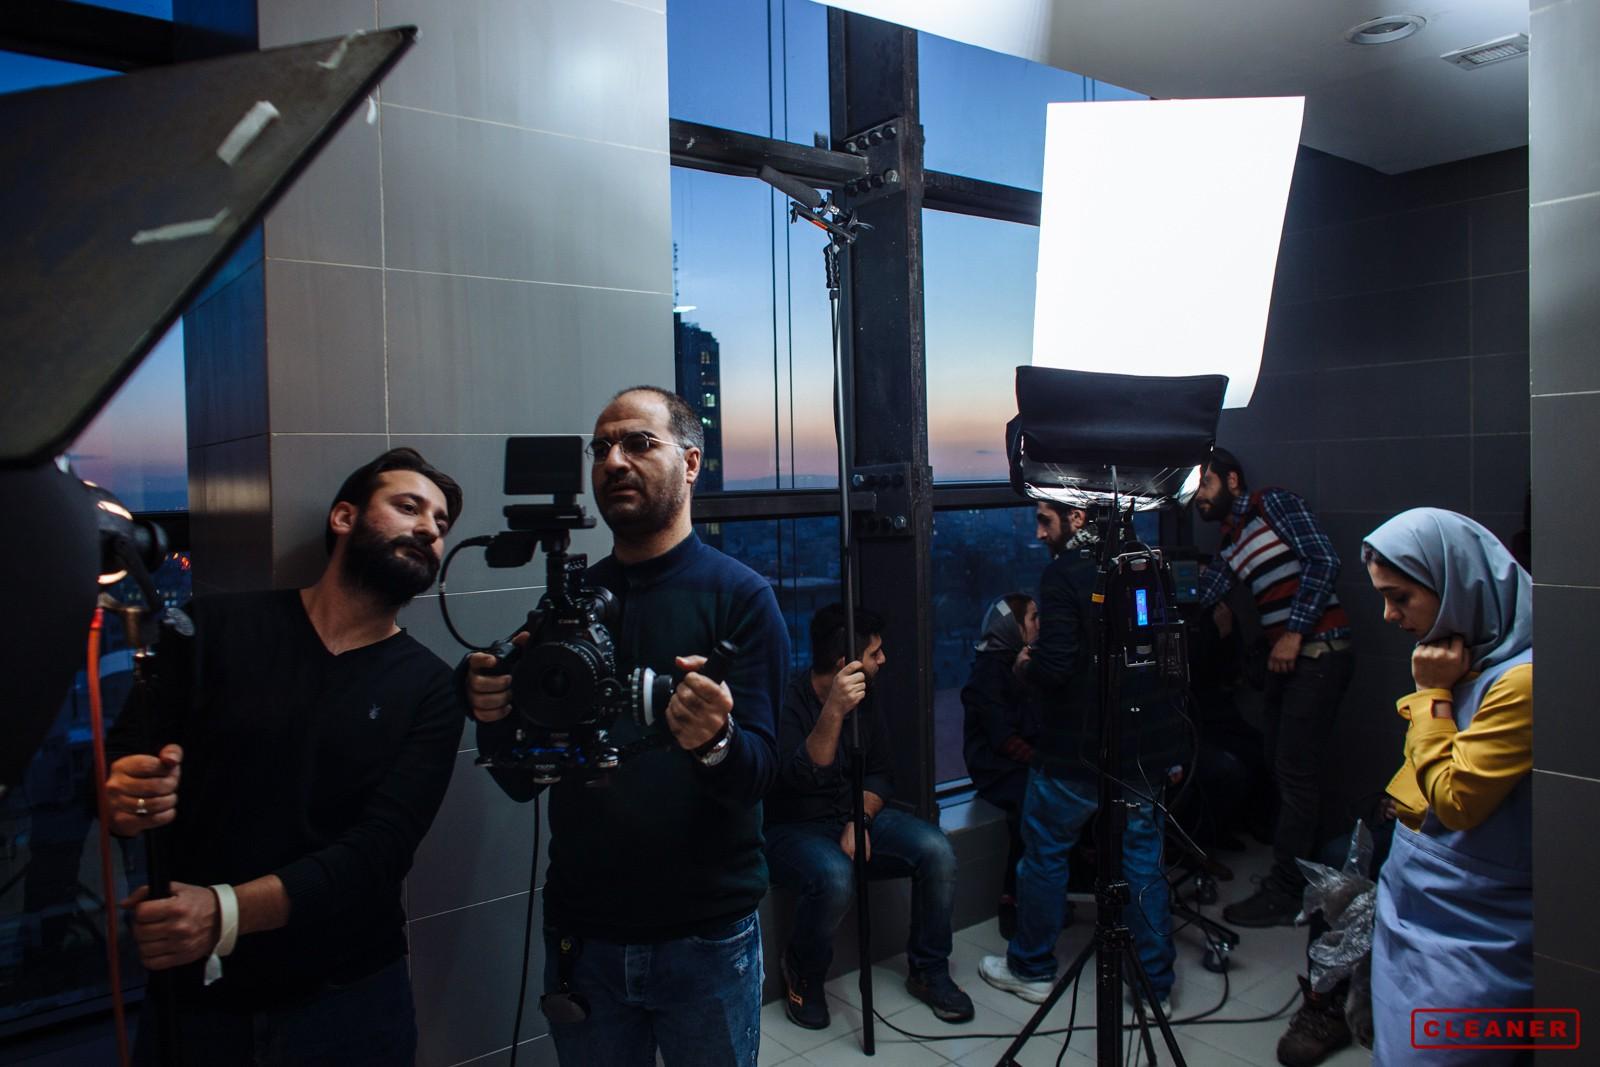 عکسهای پشت صحنه فیلم کوتاه کلینر